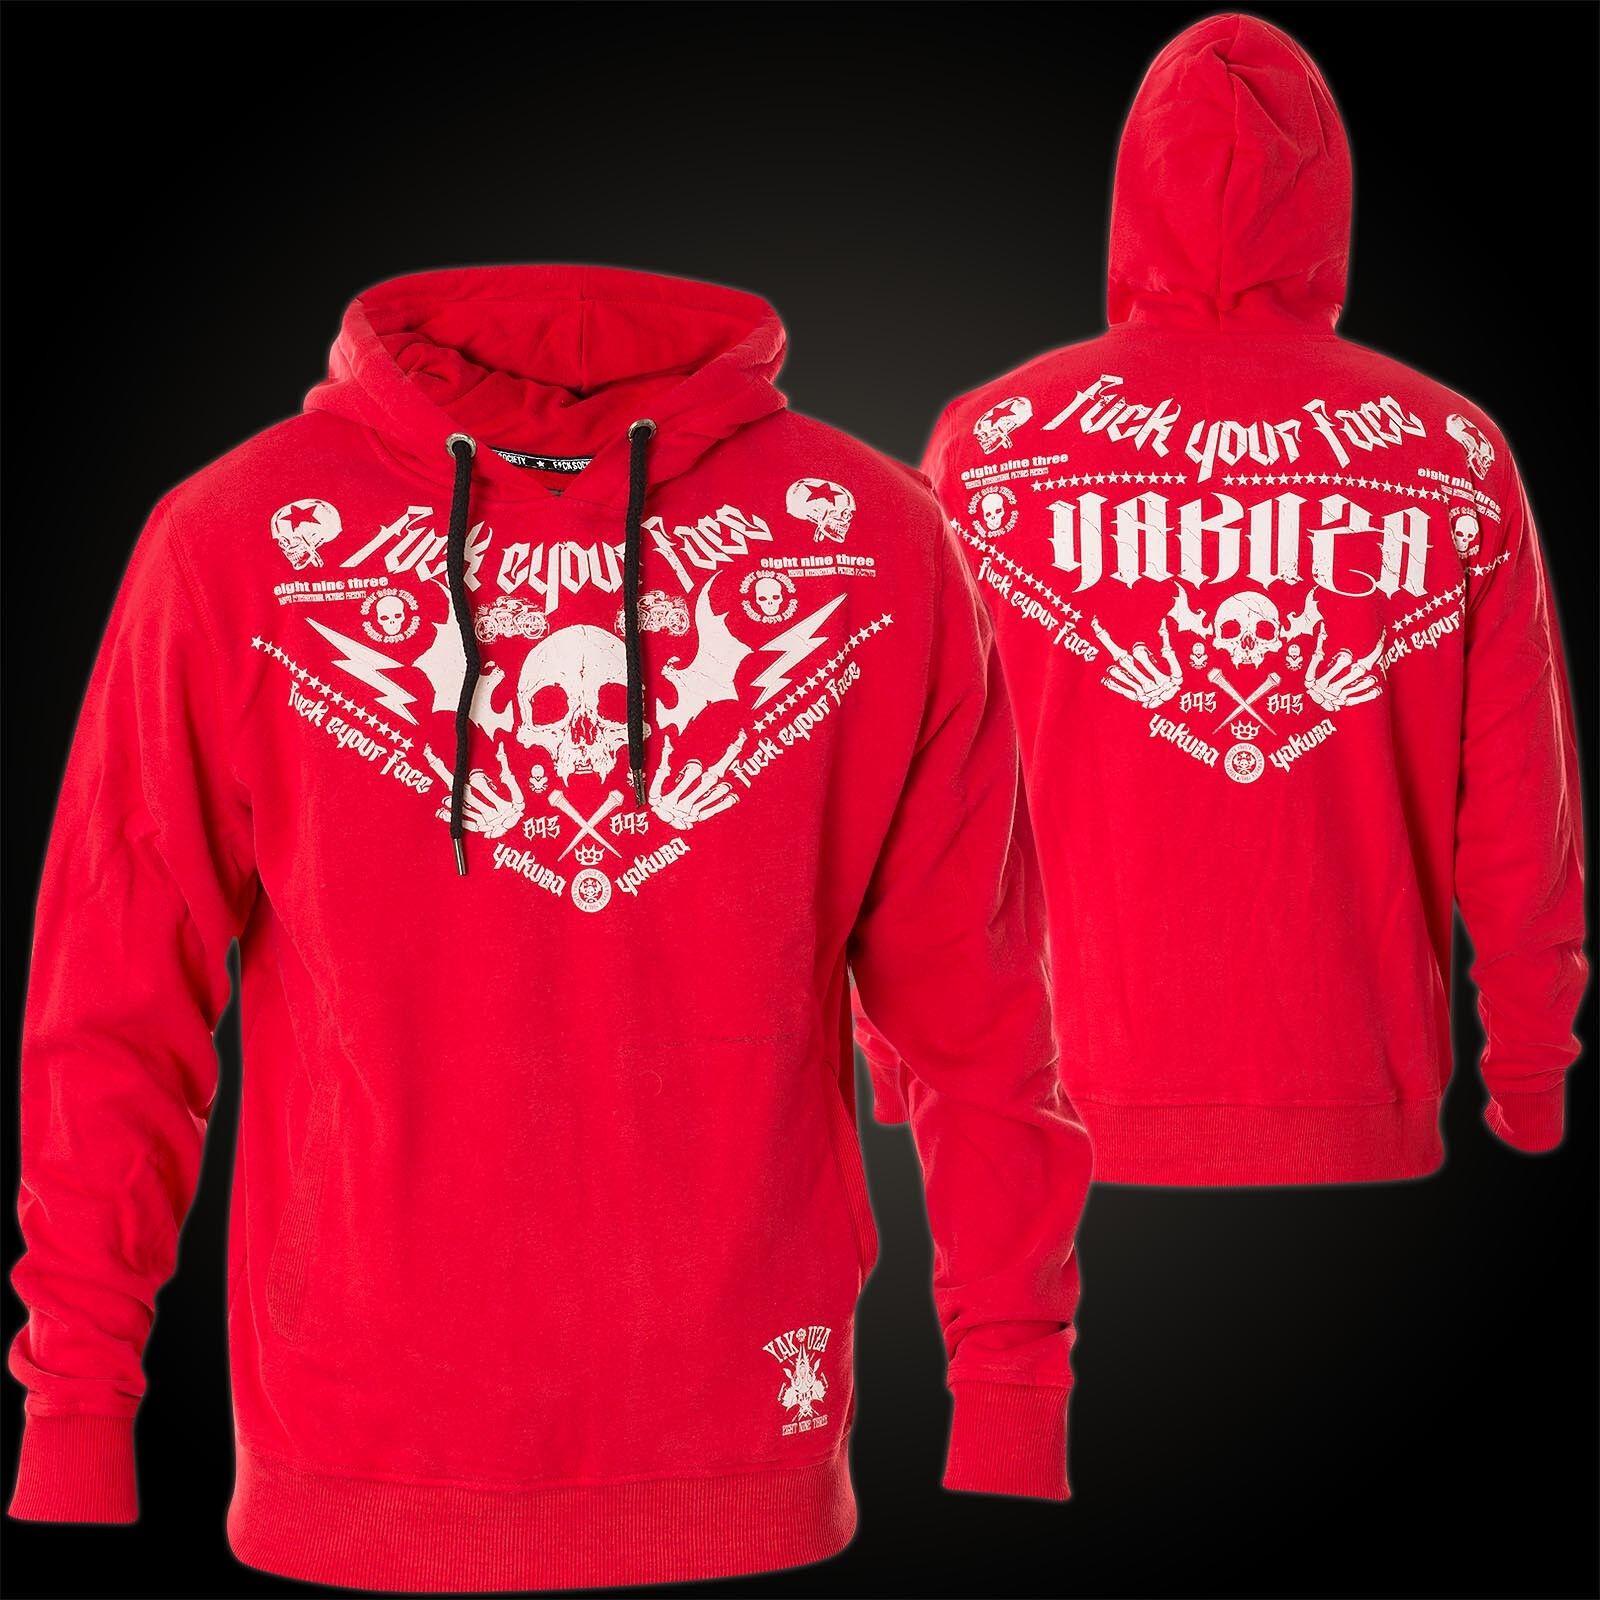 YAKUZA Hoody F.Y.F. HOB-10026 Ribbon rot Rot Hoodies Herren    Sweatshirts    Mode-Muster  425f57